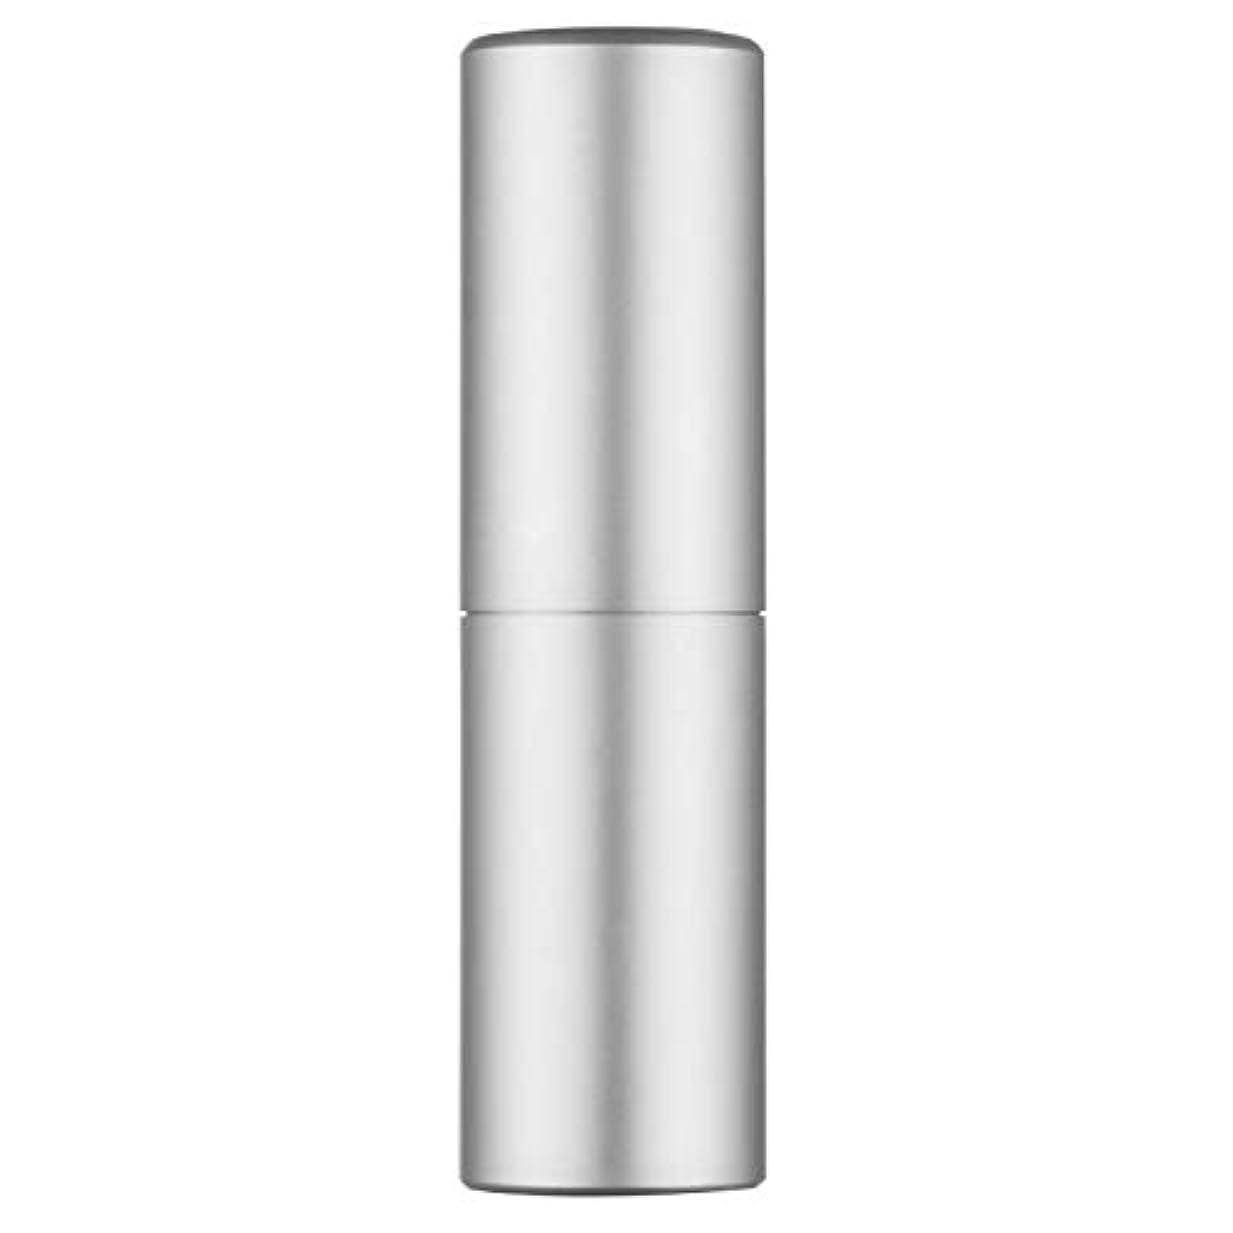 クレーンニュージーランド沿って香水アトマイザー レディース スプレーボトル 香水噴霧器 20ml